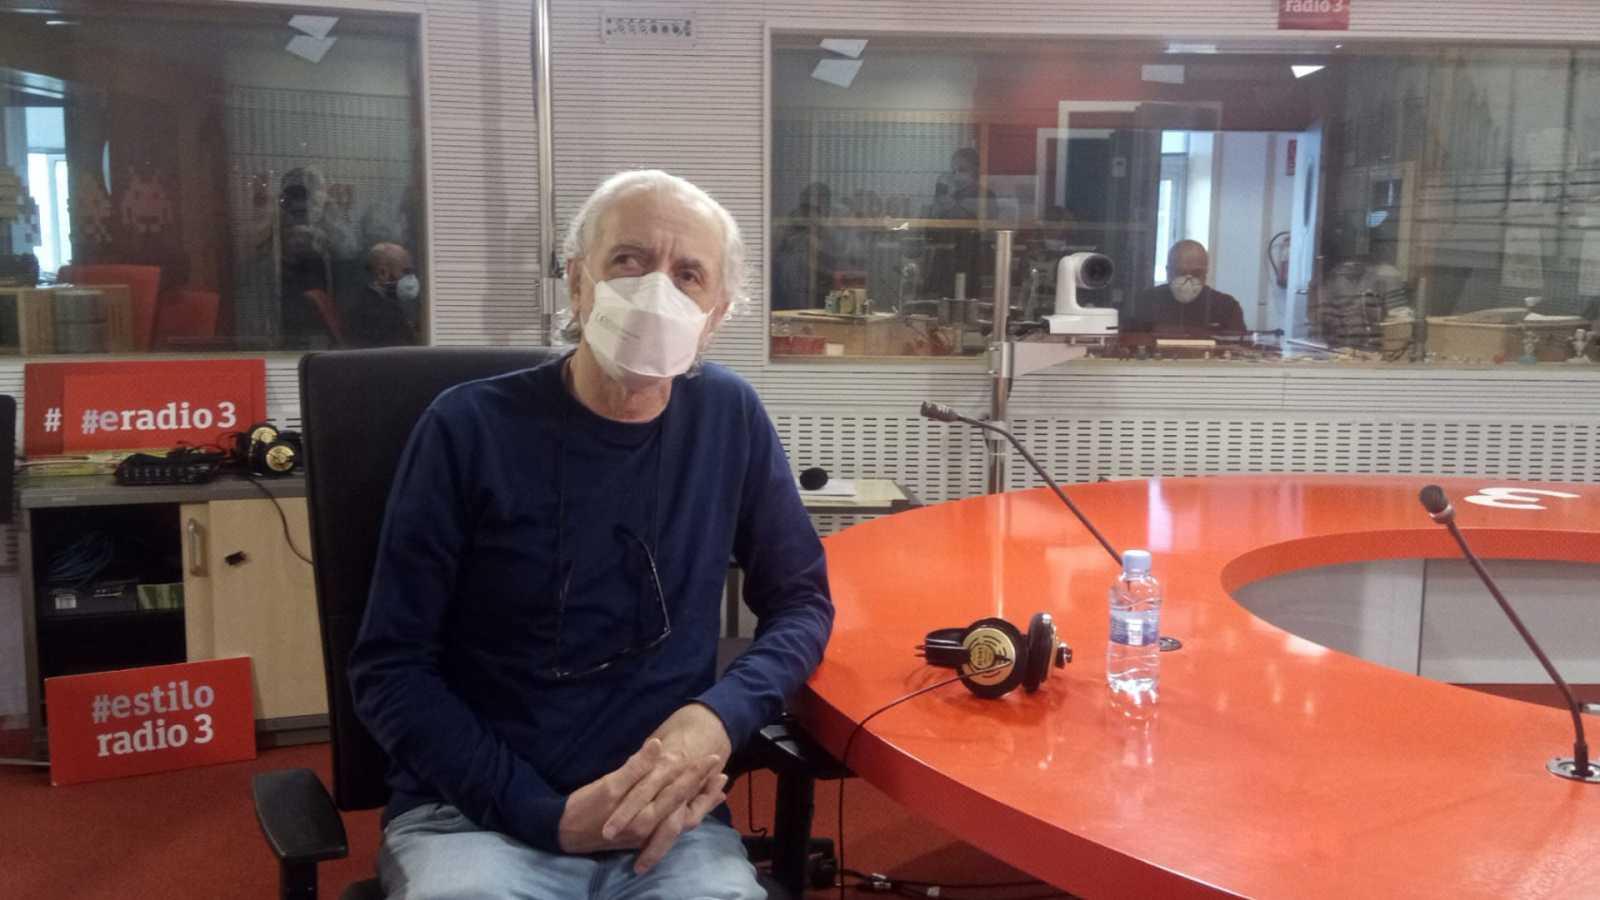 Hoy empieza todo con Marta Echeverría - Fernando Trueba, Ludonomicón y mucho más - 04/05/21 - escuchar ahora